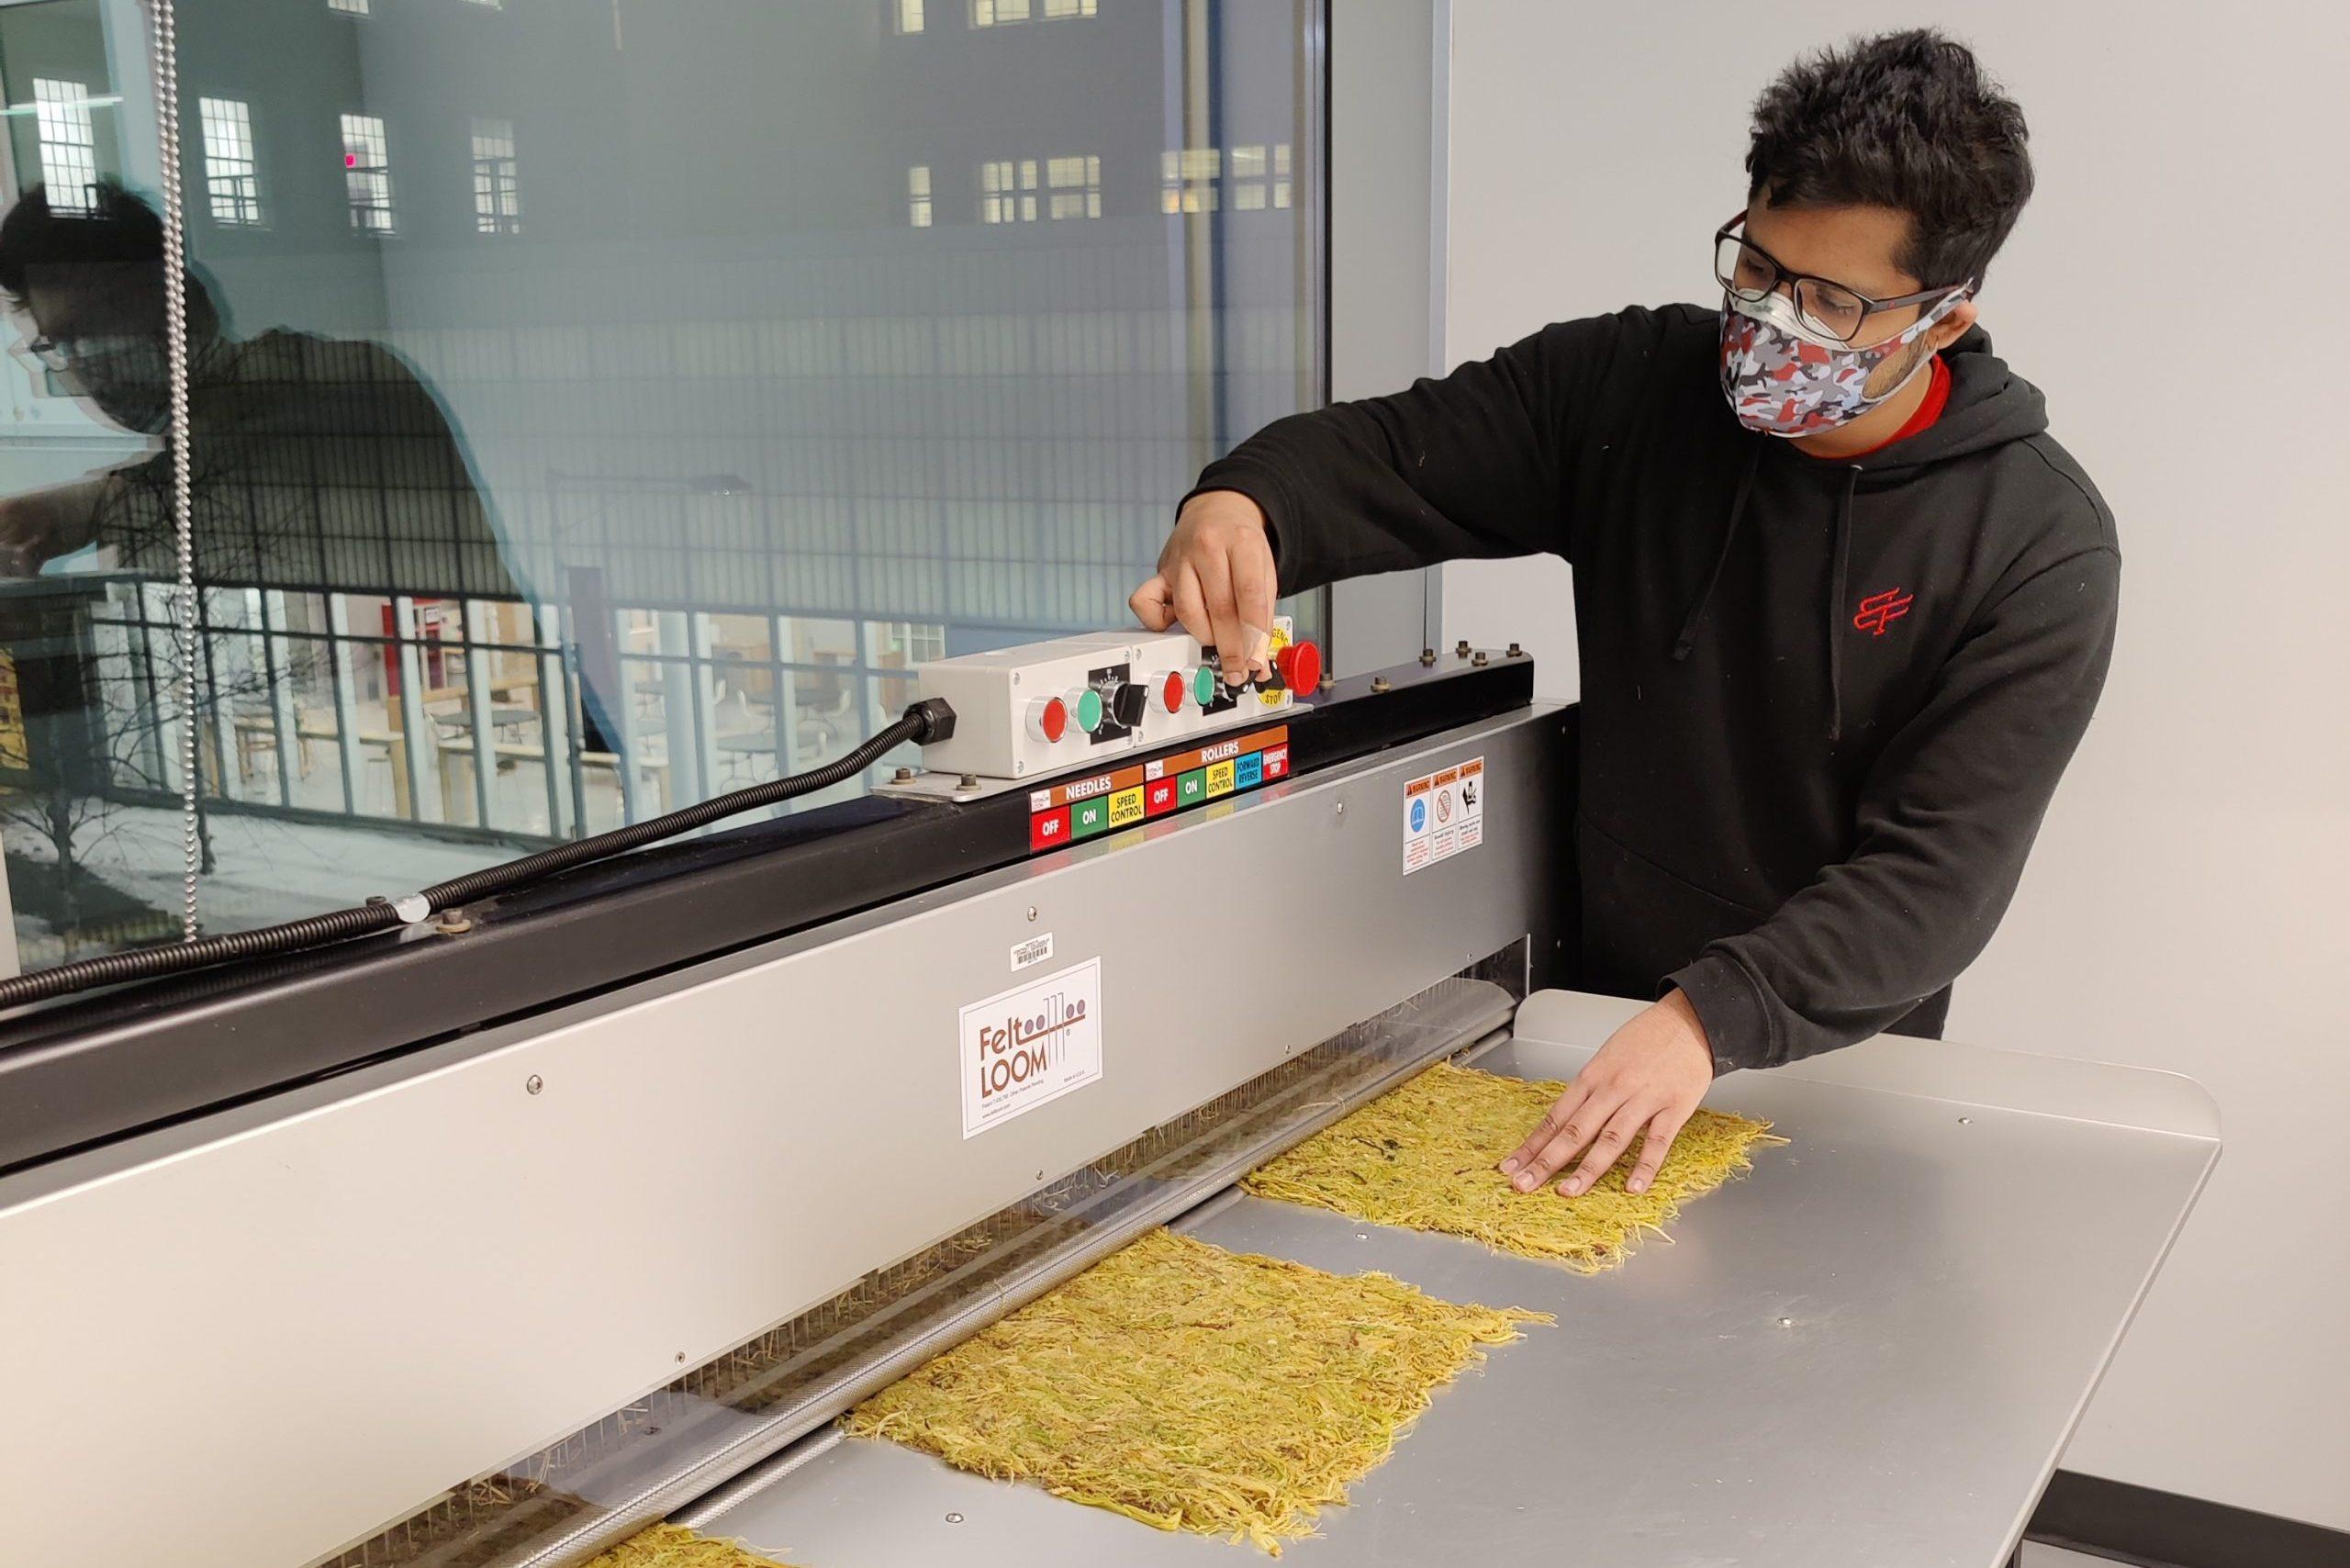 A man operating a machine making mats of straw